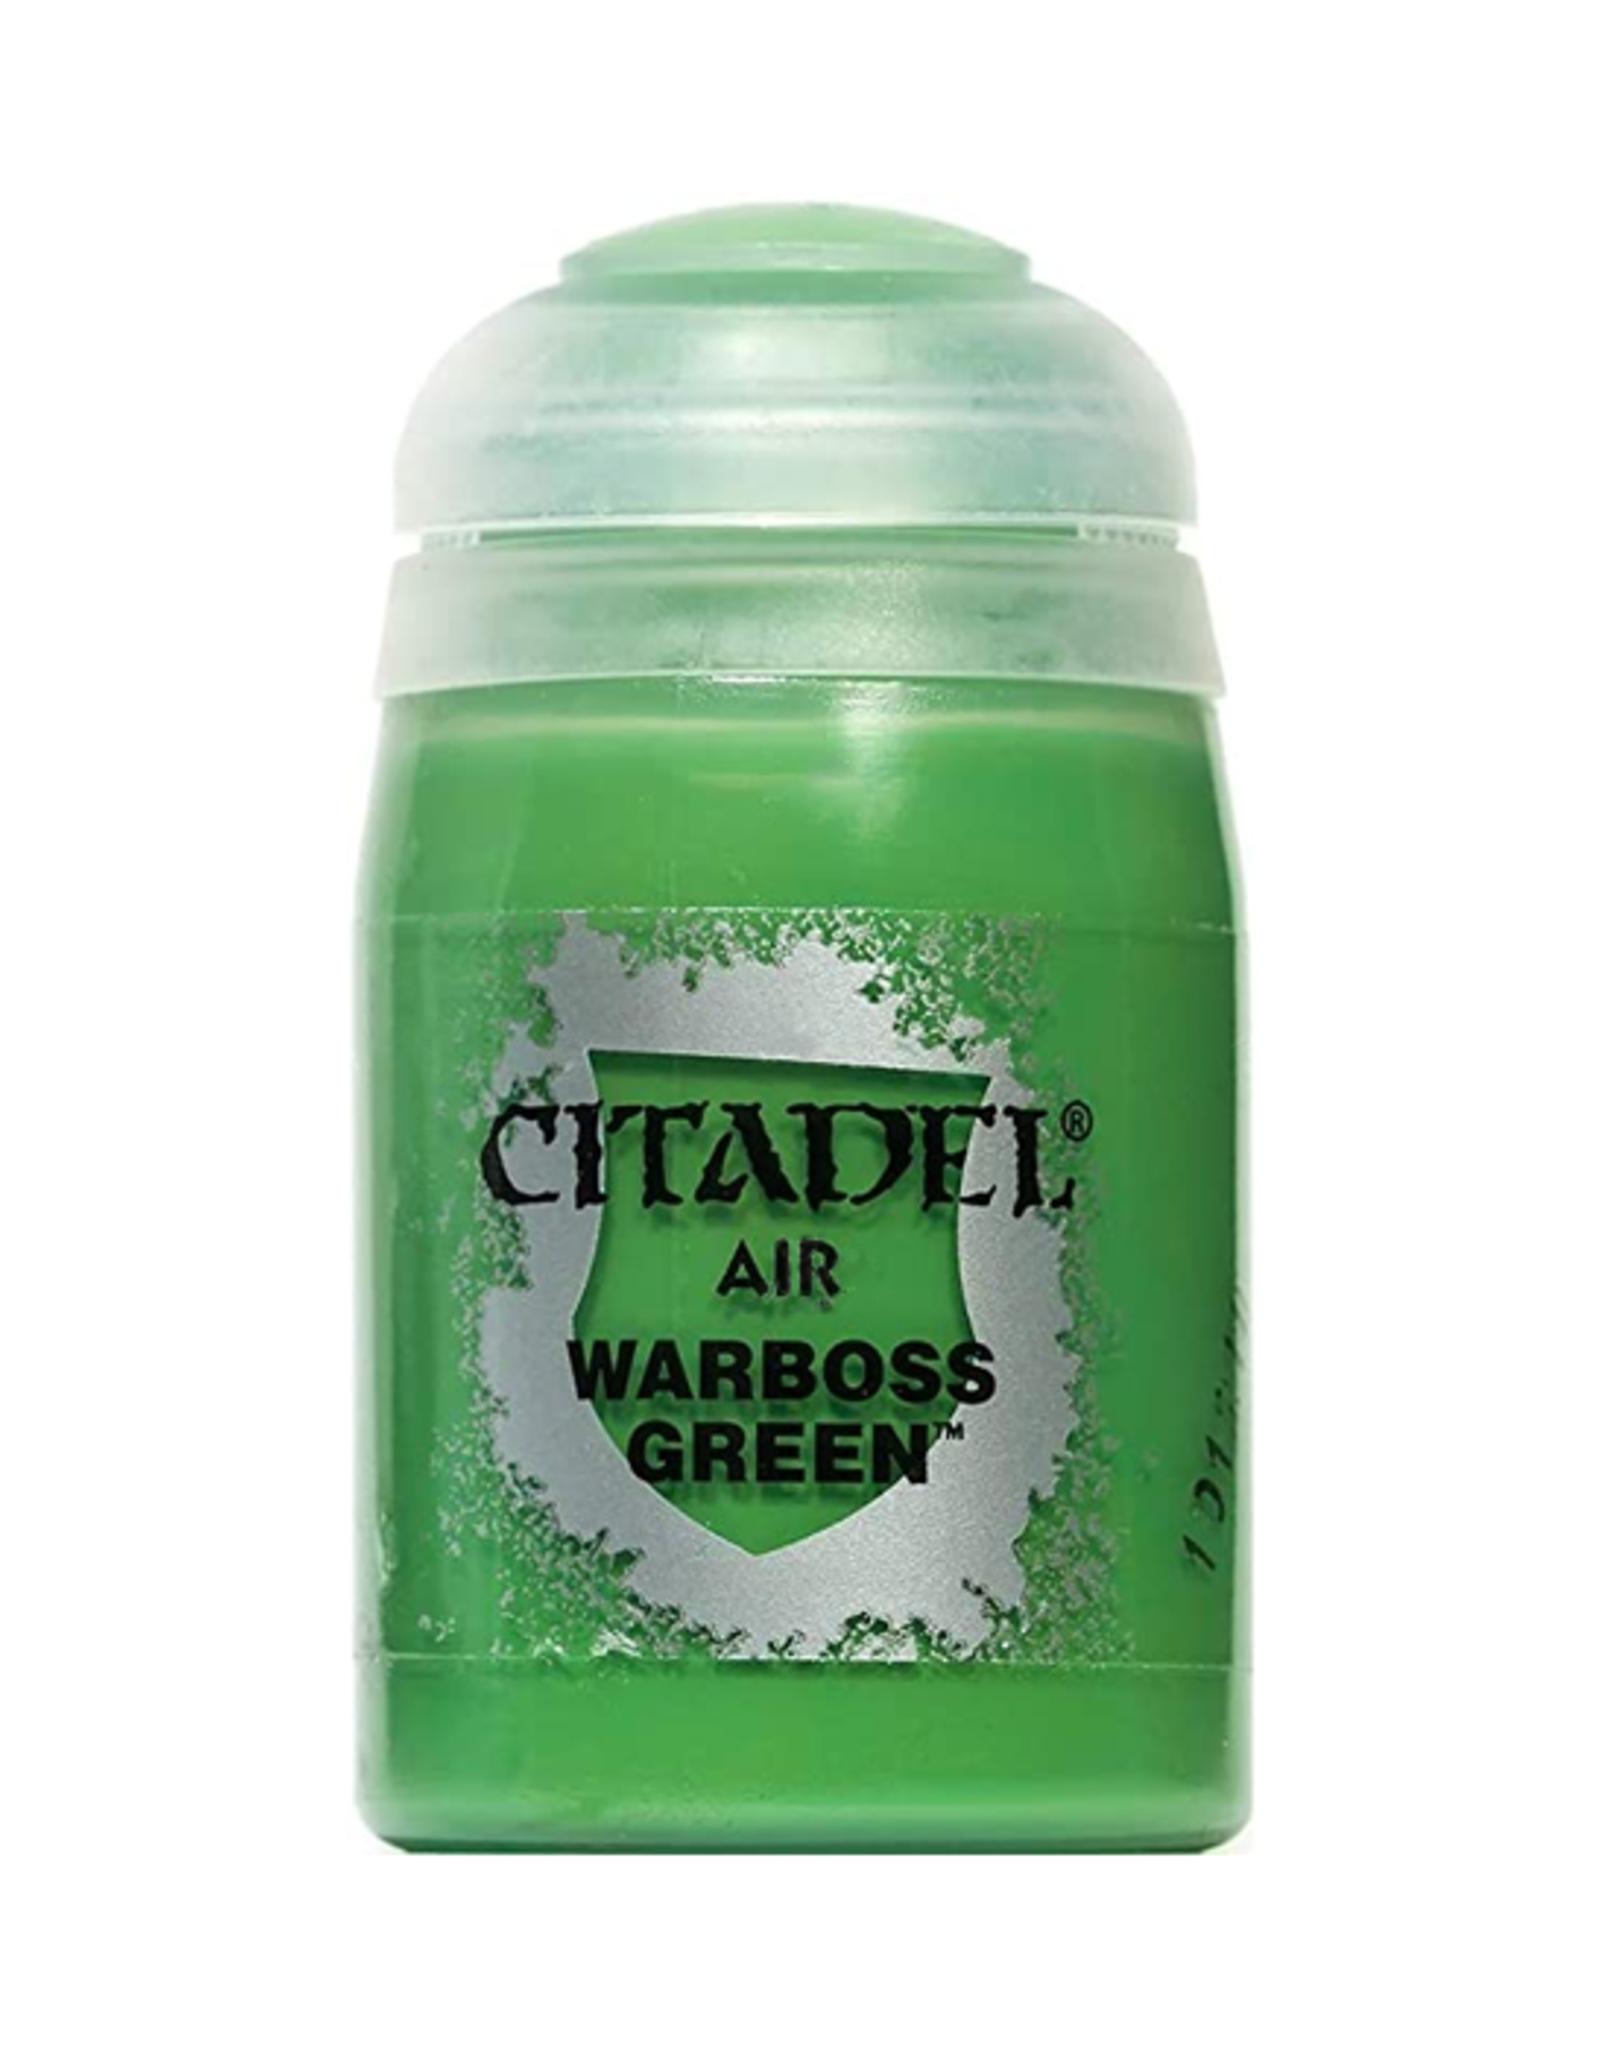 Citadel Citadel Colour: Air - Warboss Green